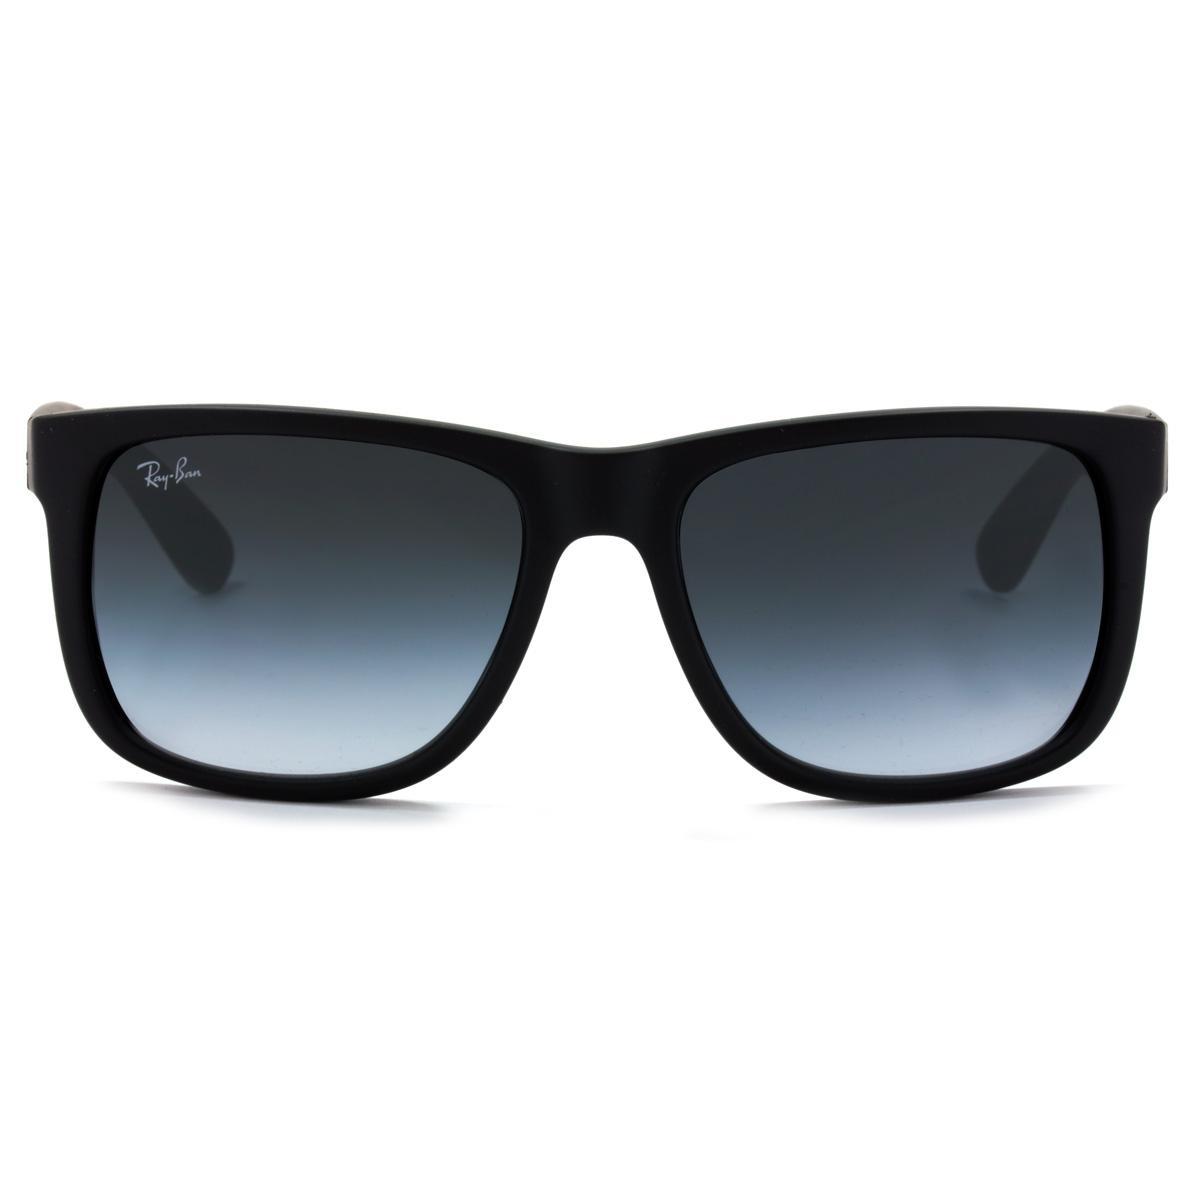 Óculos de Sol Ray-Ban Justin RB4165L 601 8G 57 R  481,10 à vista. Adicionar  à sacola 4a087fd0b7